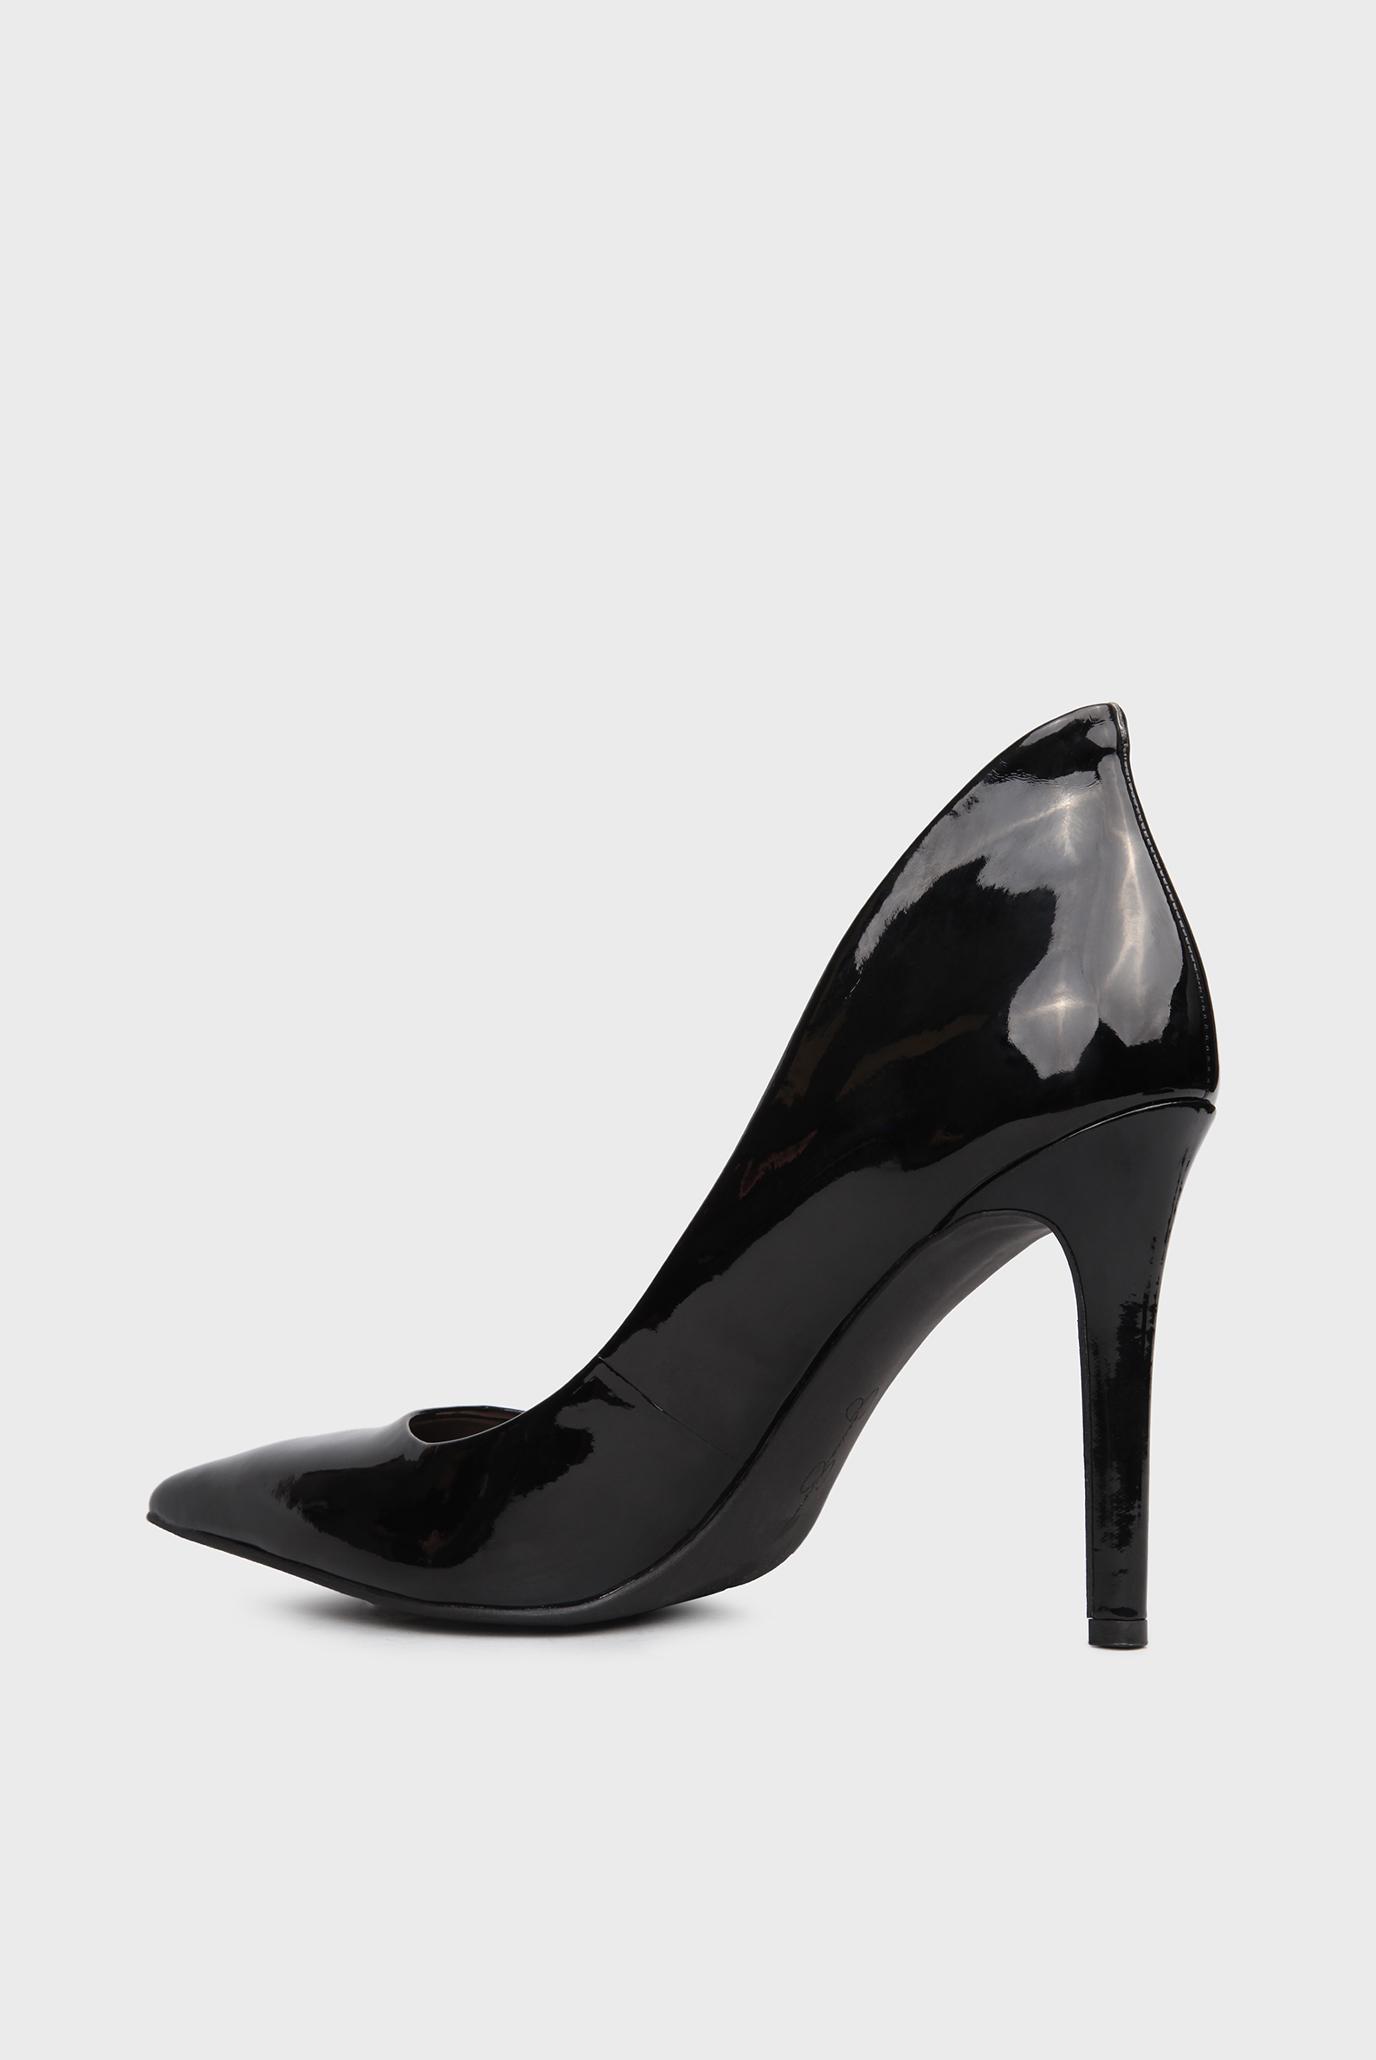 Купить Женские черные лакированные лодочки Jessica Simpson Jessica Simpson JS-CAMBREDGE – Киев, Украина. Цены в интернет магазине MD Fashion